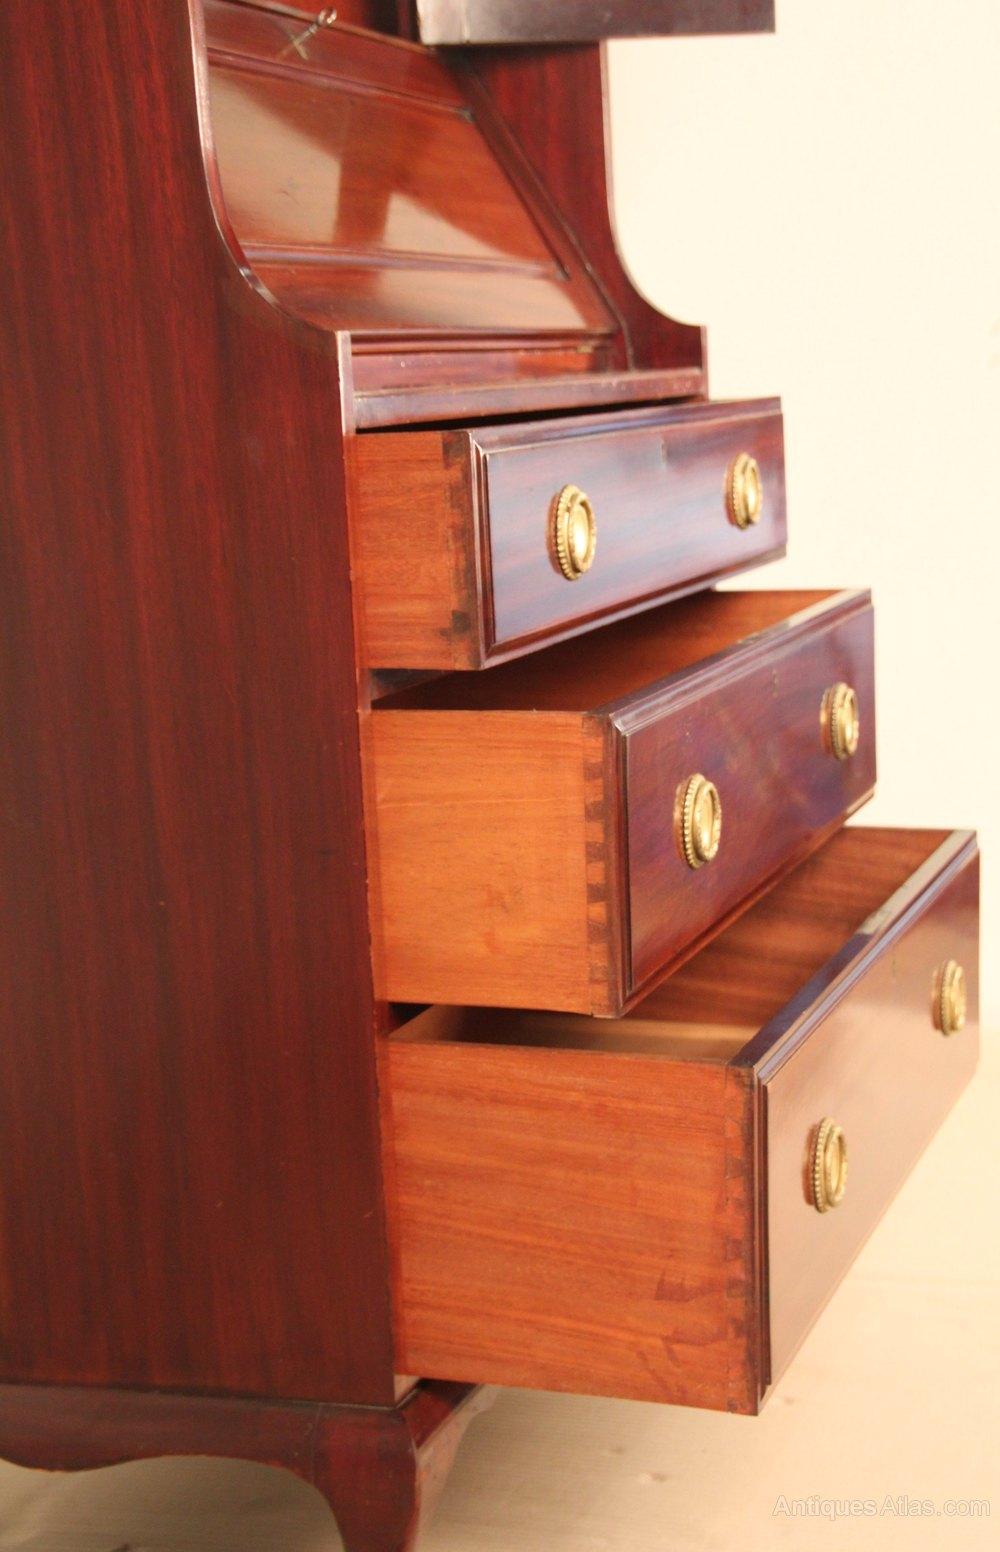 Art Nouveau Mahogany Bureau Bookcase - Antiques Atlas